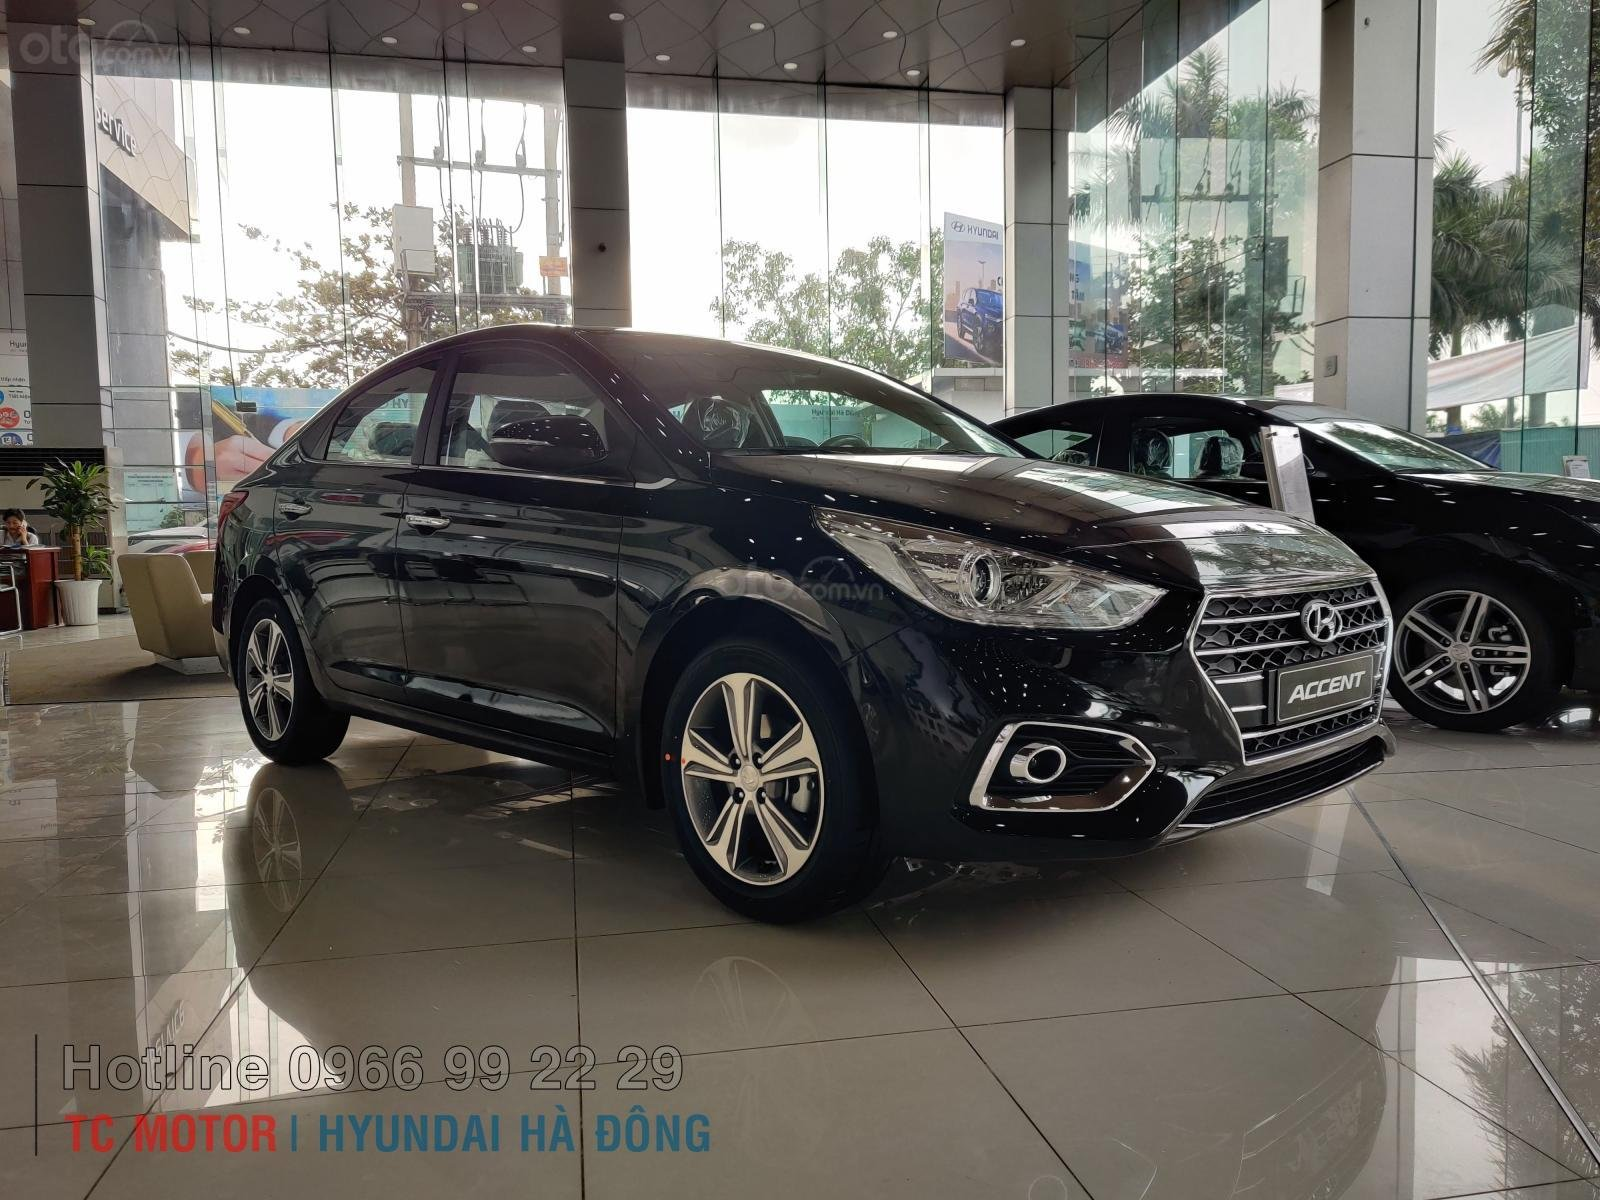 Hyundai Accent 1.6 AT 2020 bản đặc biệt - Giá tốt nhất Hà Nội (1)